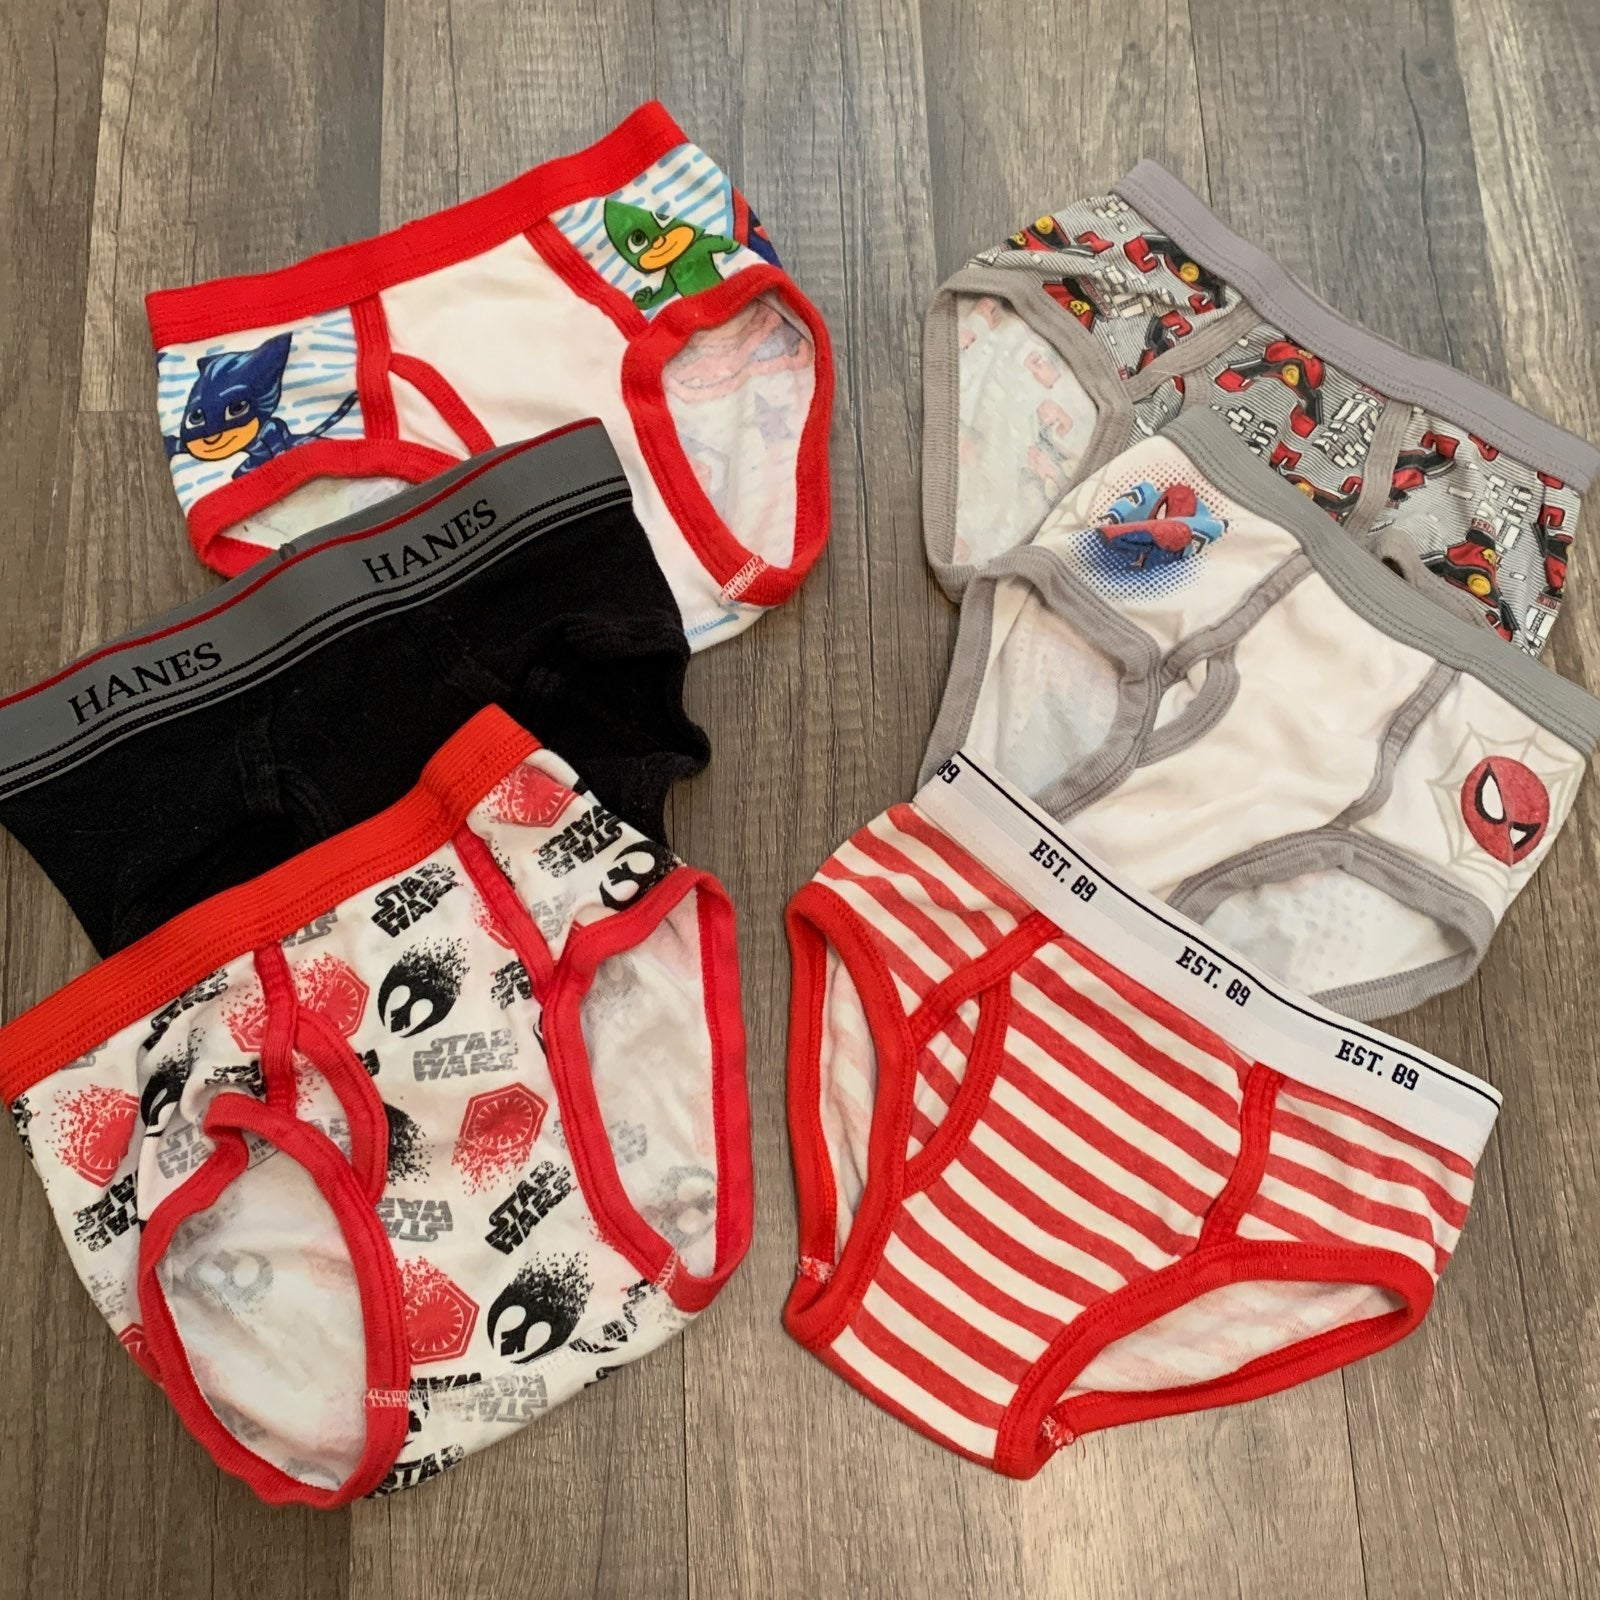 Toddler Boys Underwear Briefs Sz 4T